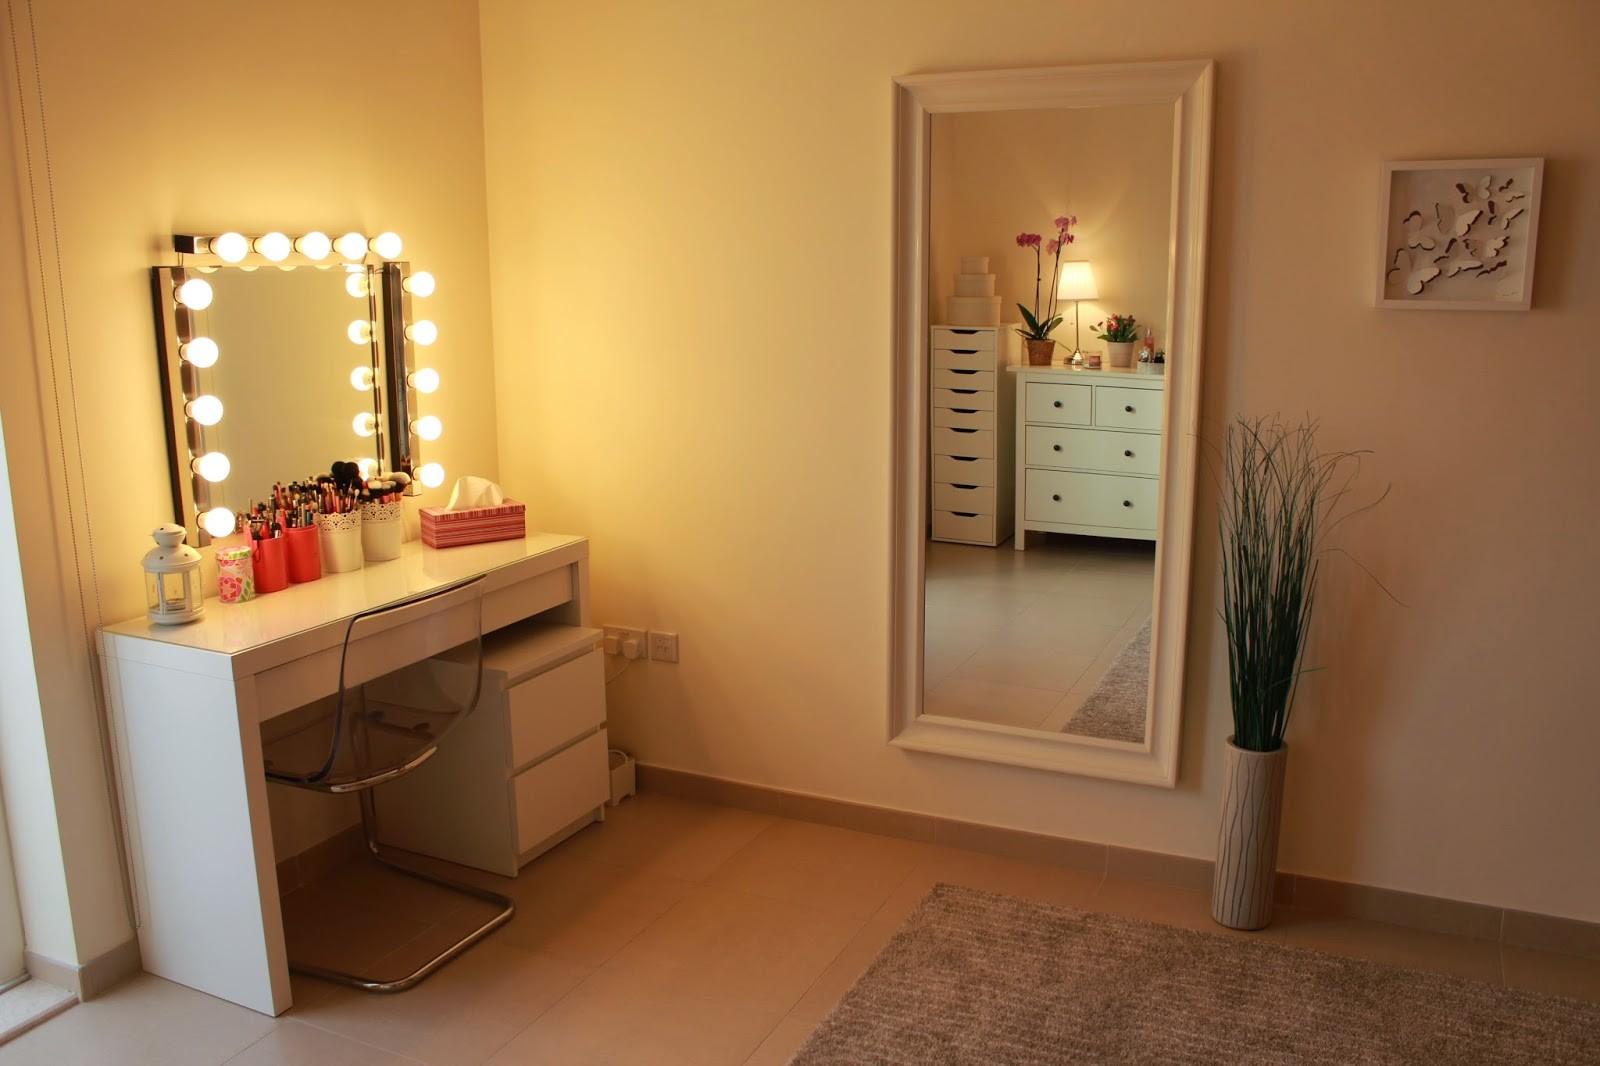 أشكال إضاءة غرف النوم - إضاءة التسريحة